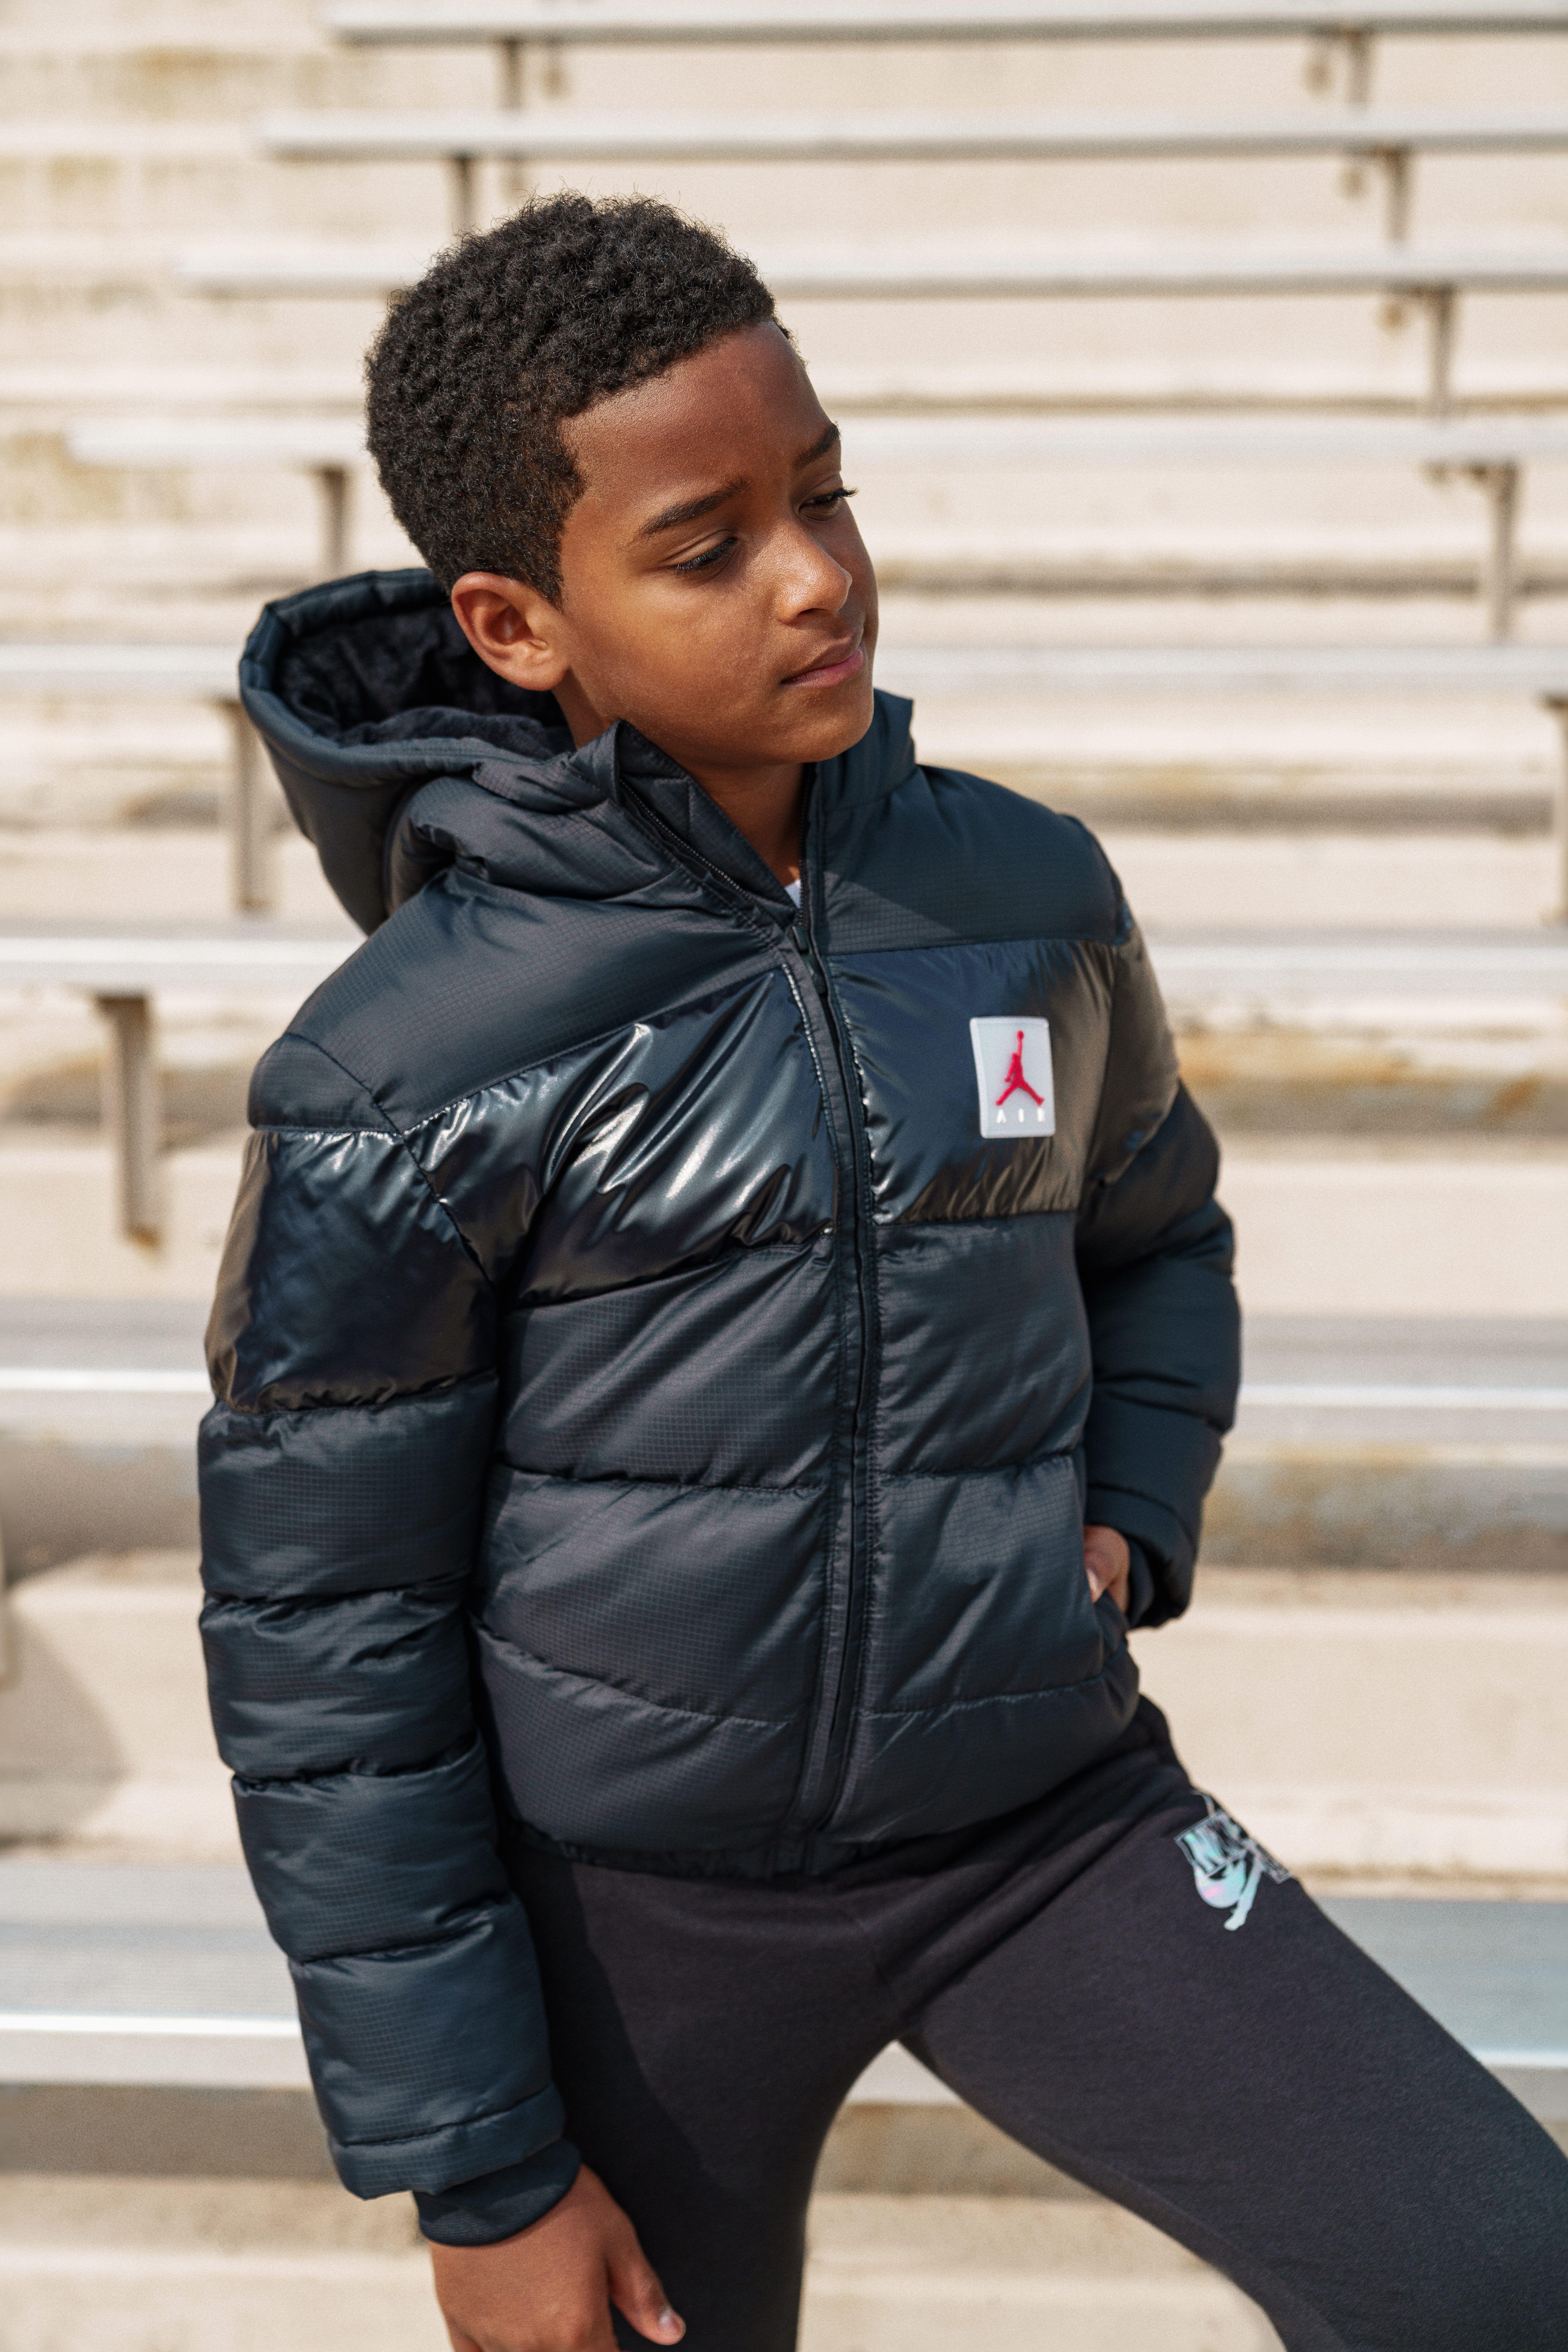 Jordan Little Kids Puffer Jacket Nike Com In 2021 Puffer Jackets Jackets Boys Jacket [ 9504 x 6336 Pixel ]